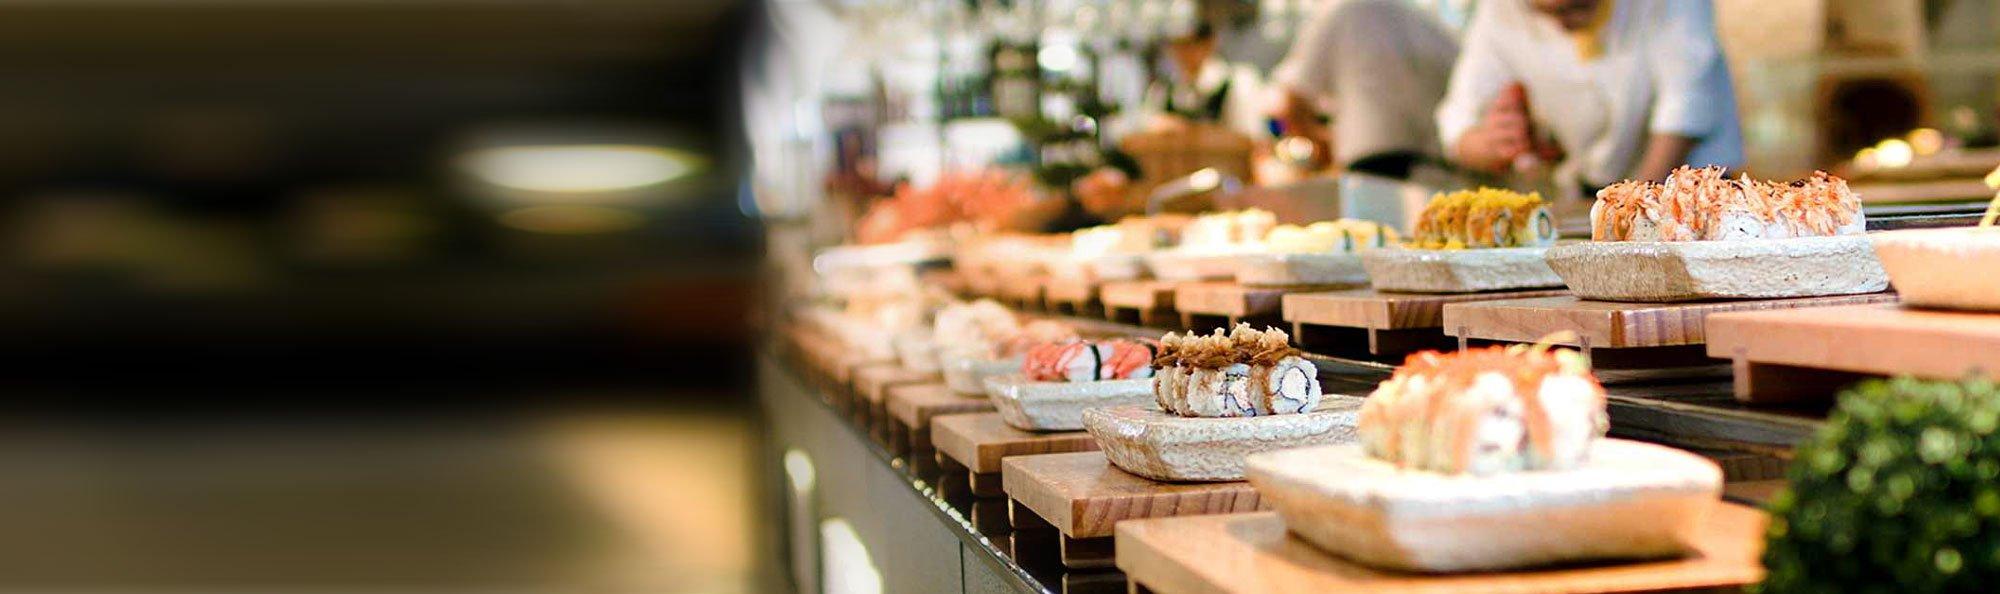 5 Best Buffet Restaurants in Japan